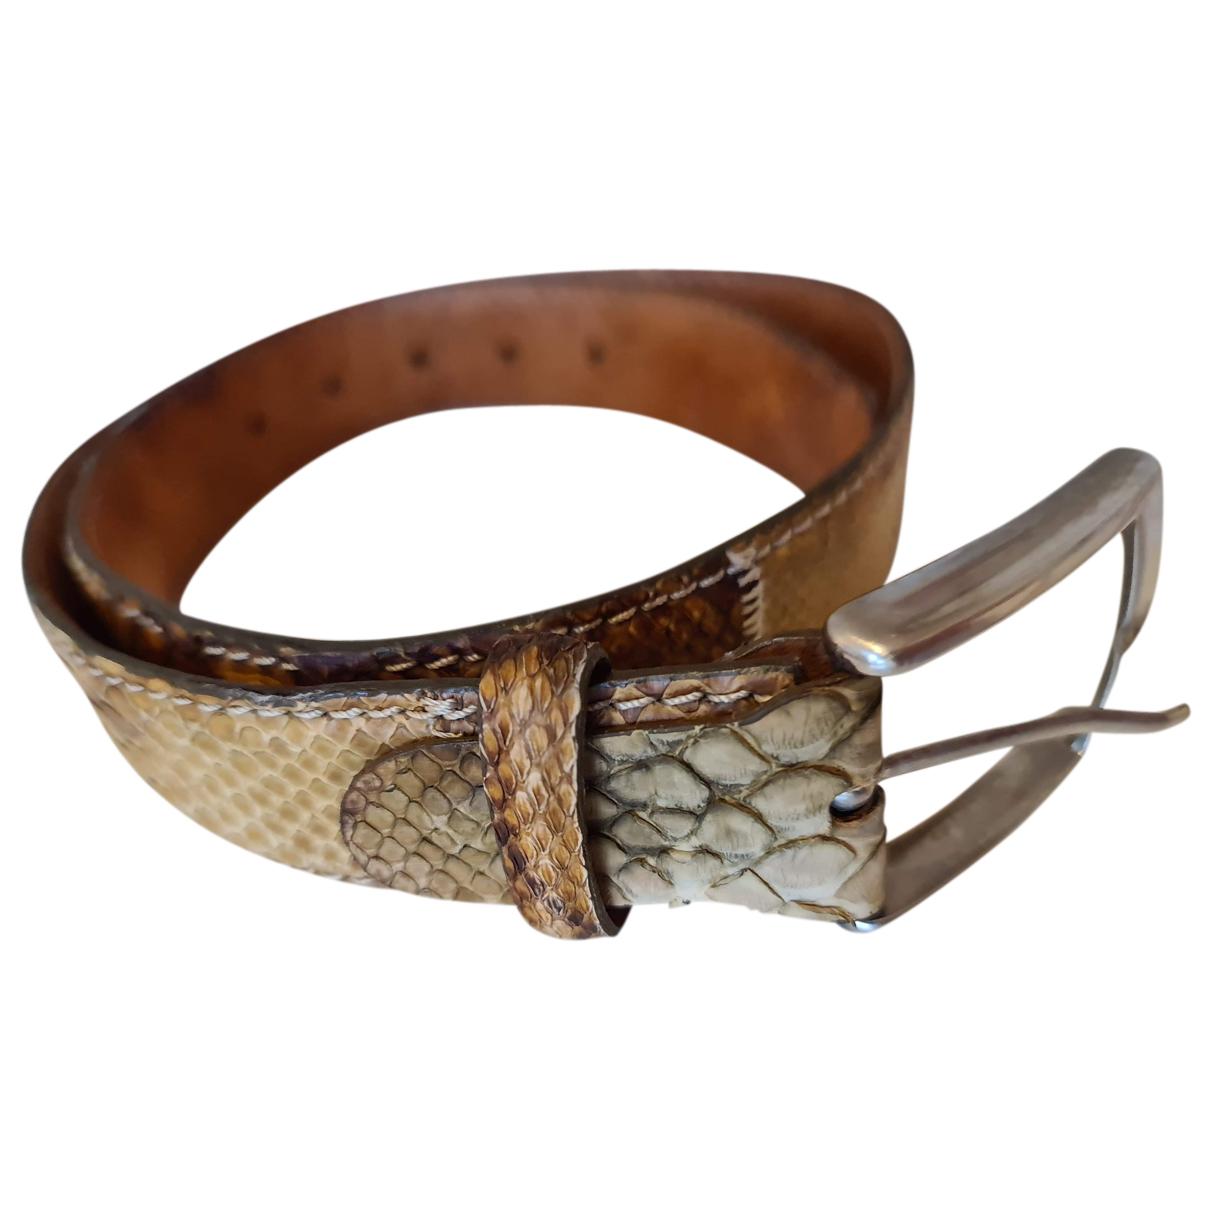 Fratelli Rossetti N Brown Python belt for Men 80 cm